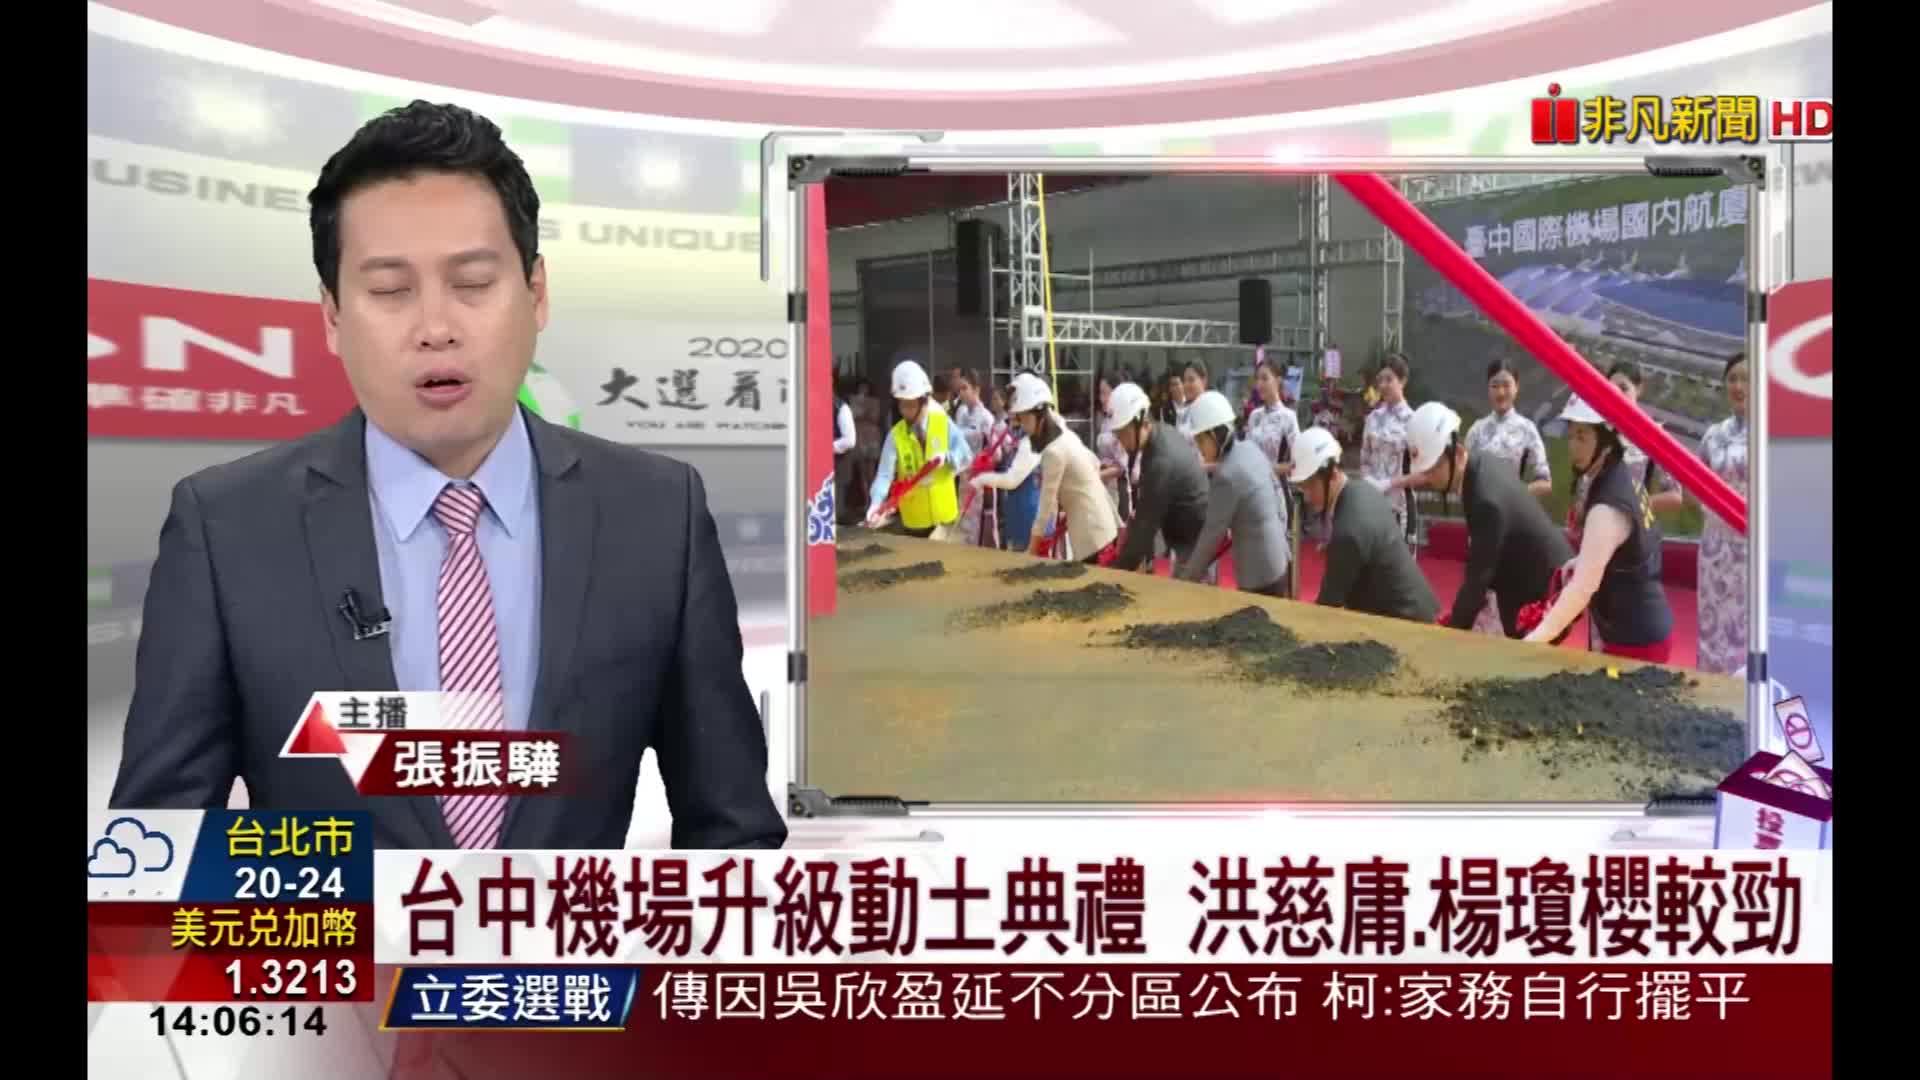 台中機場升級動土典禮 洪慈庸.楊瓊櫻較勁